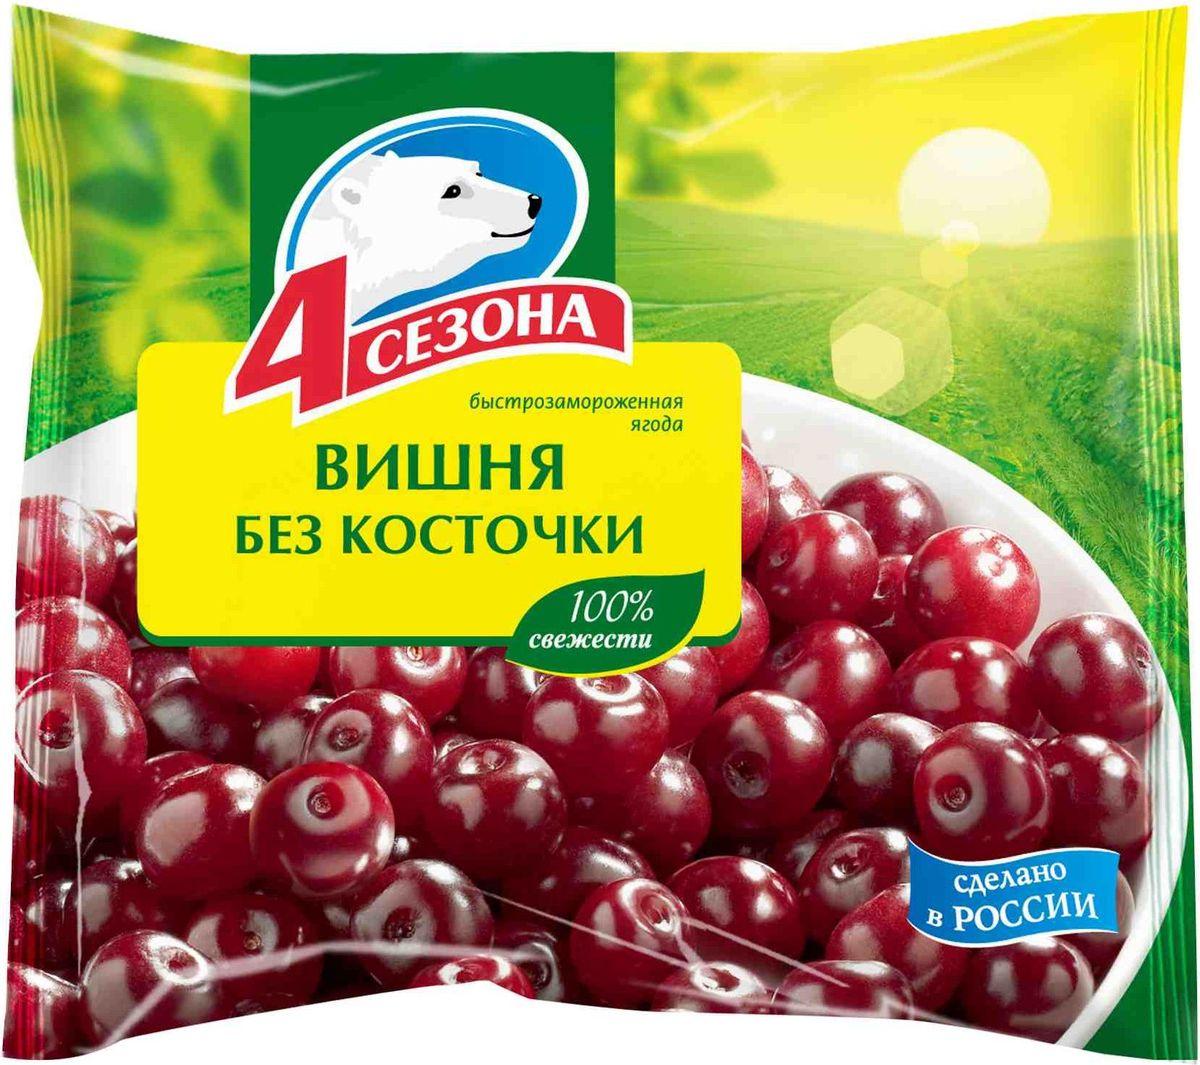 4 Сезона Вишня без косточки, 300 г